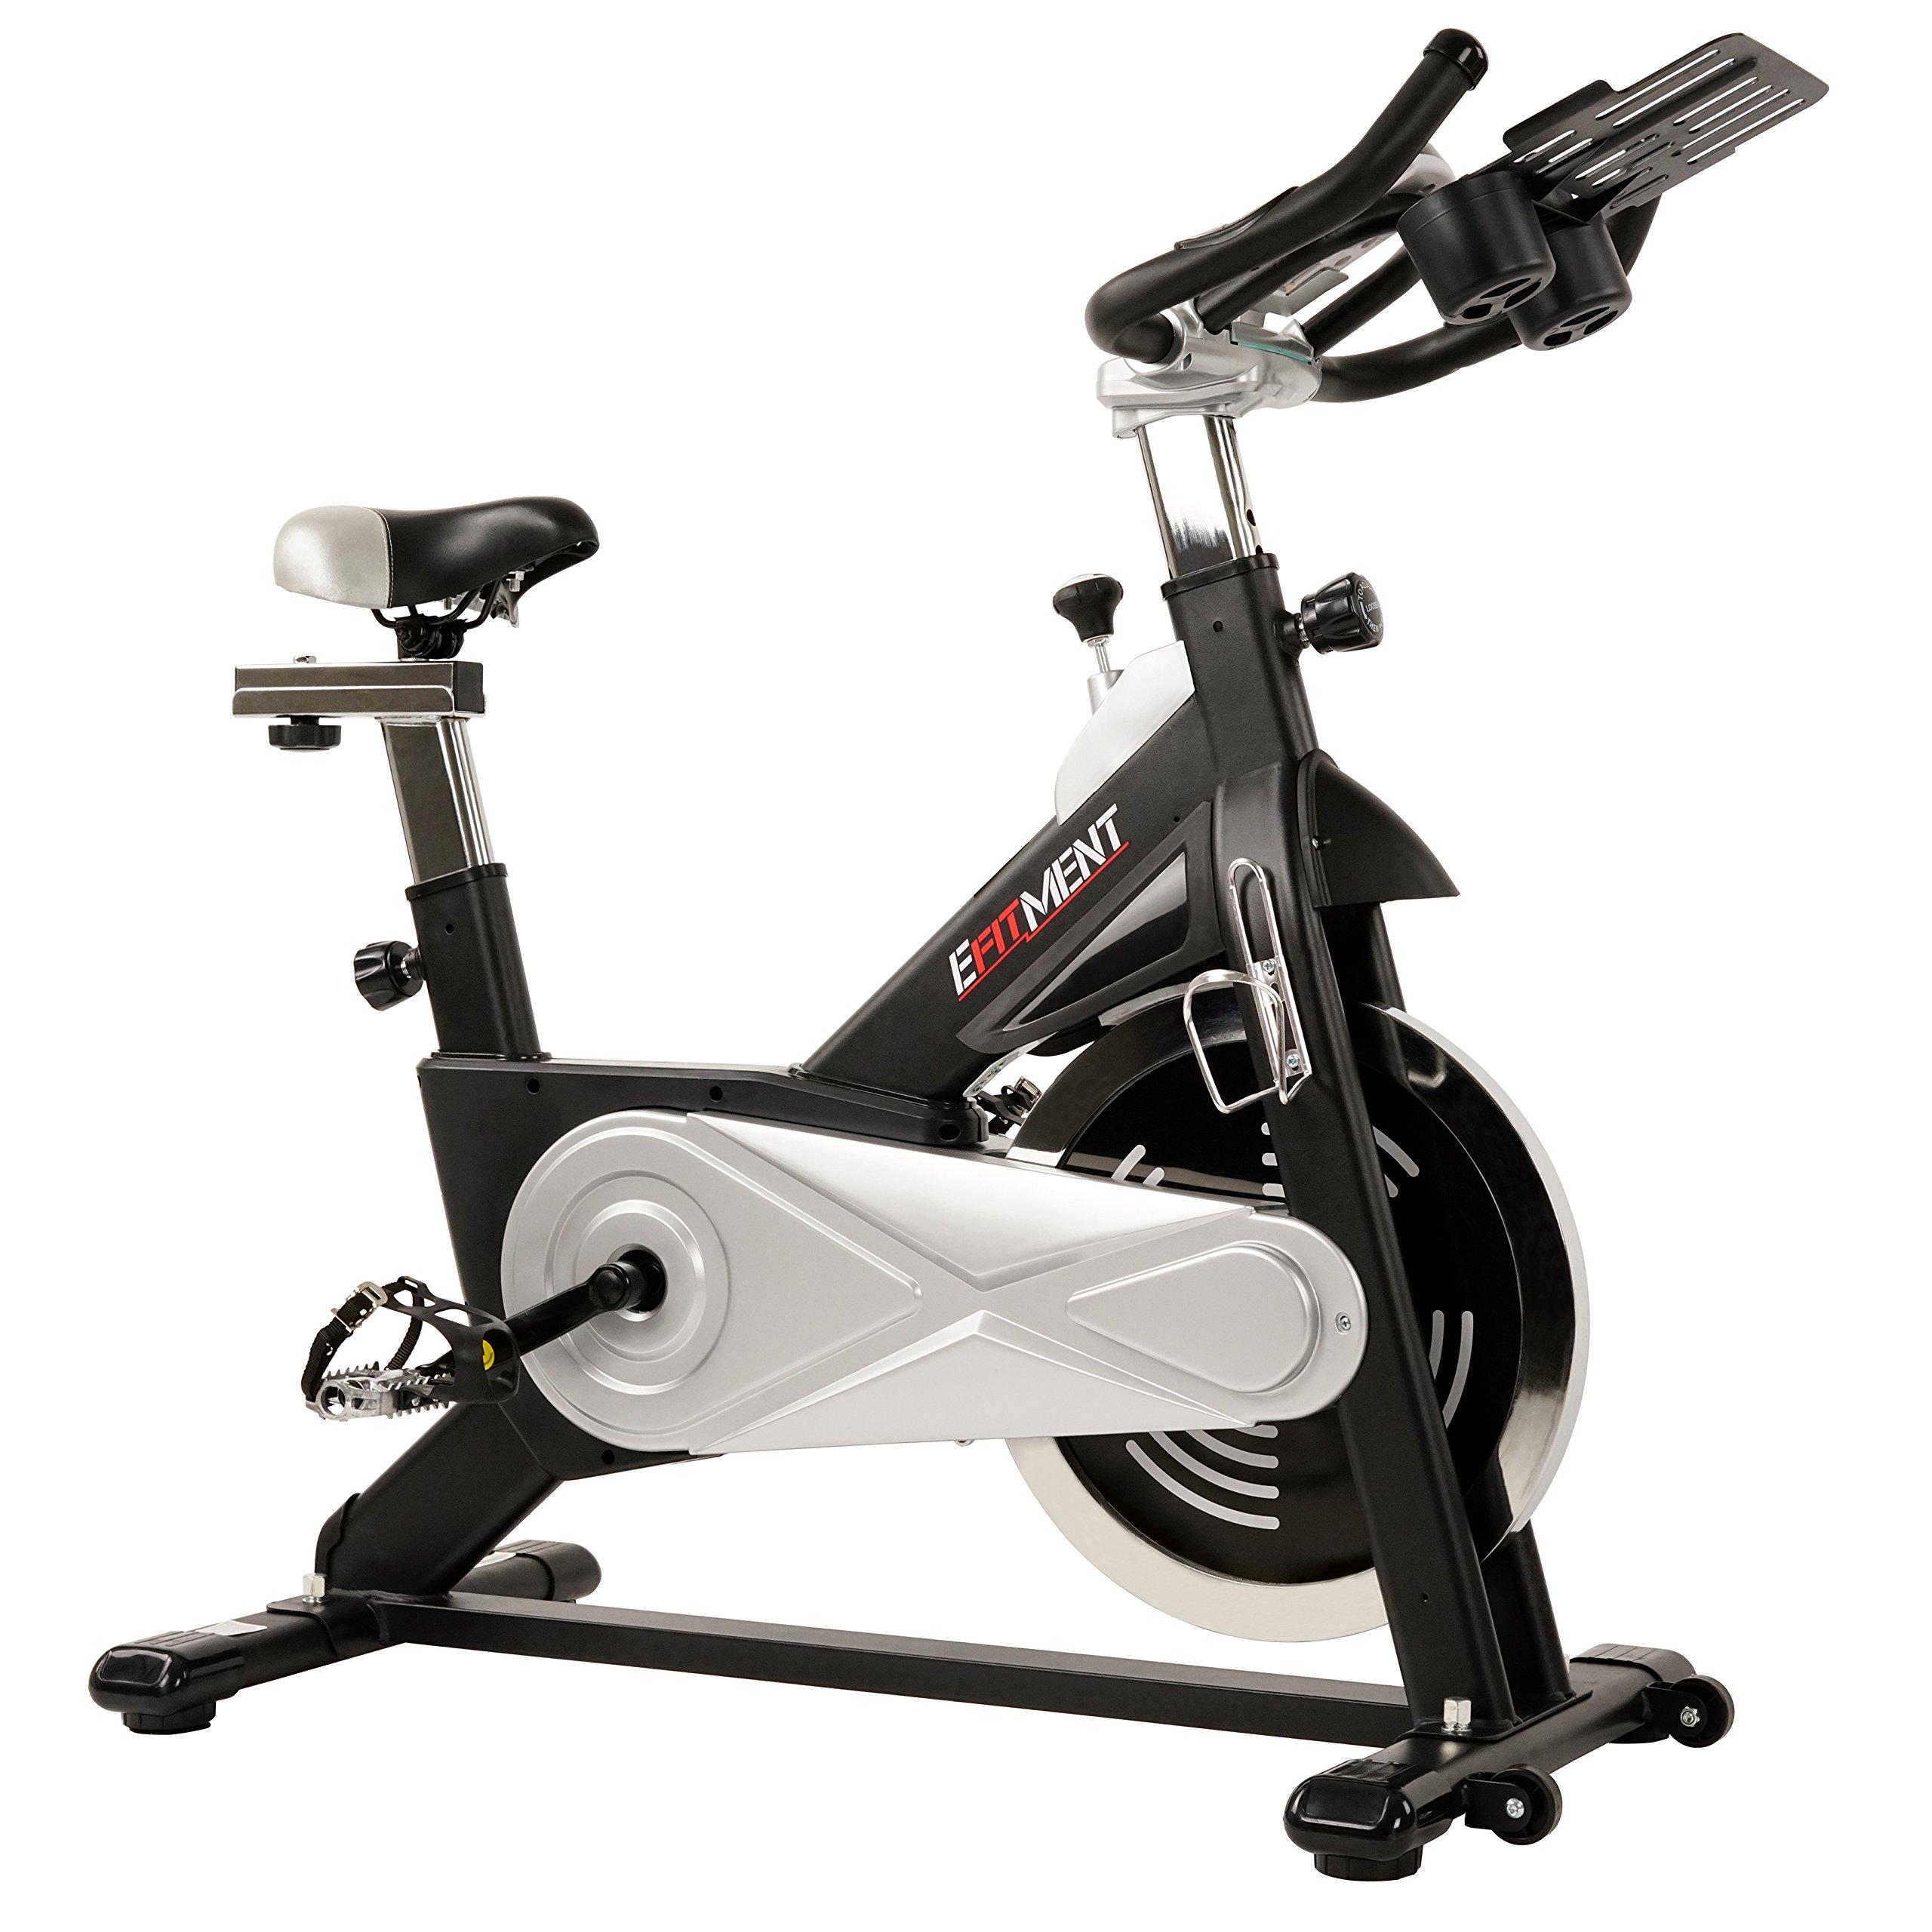 EFITMENT Indoor Cycling Exercise Bike w/ 40 lb Flywheel IC030